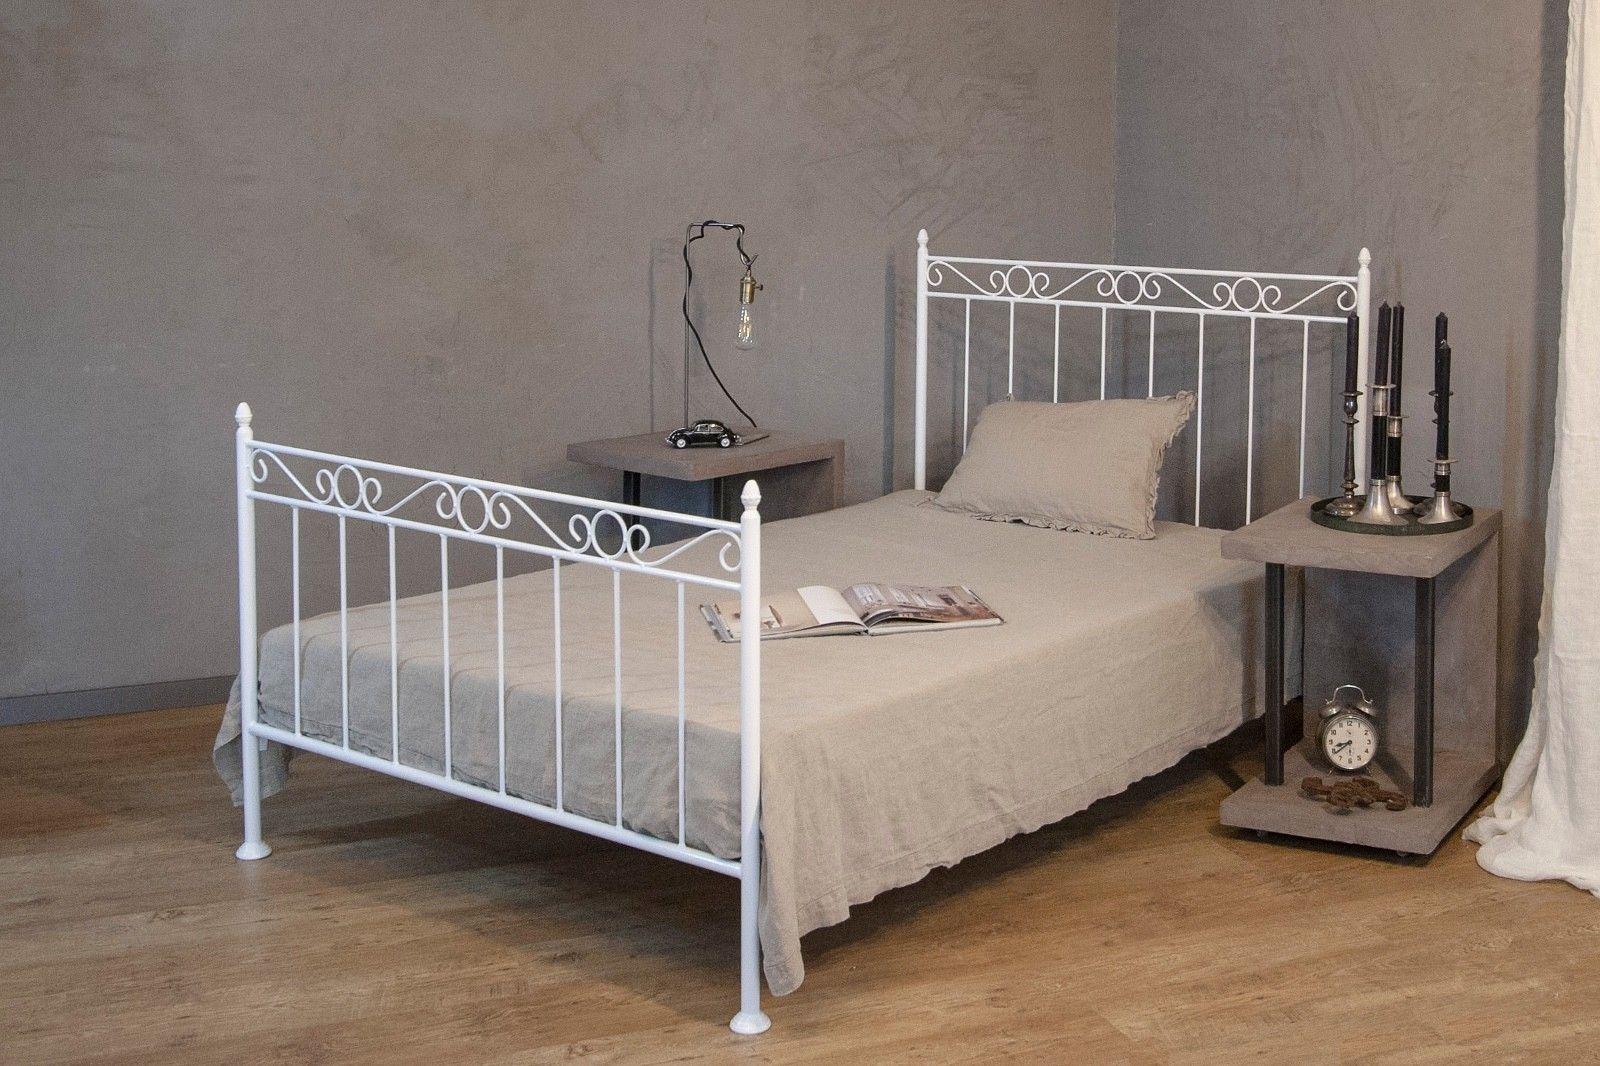 Kunszt łóżko Metalowe Vienna 140 Kute 8kol Nowość